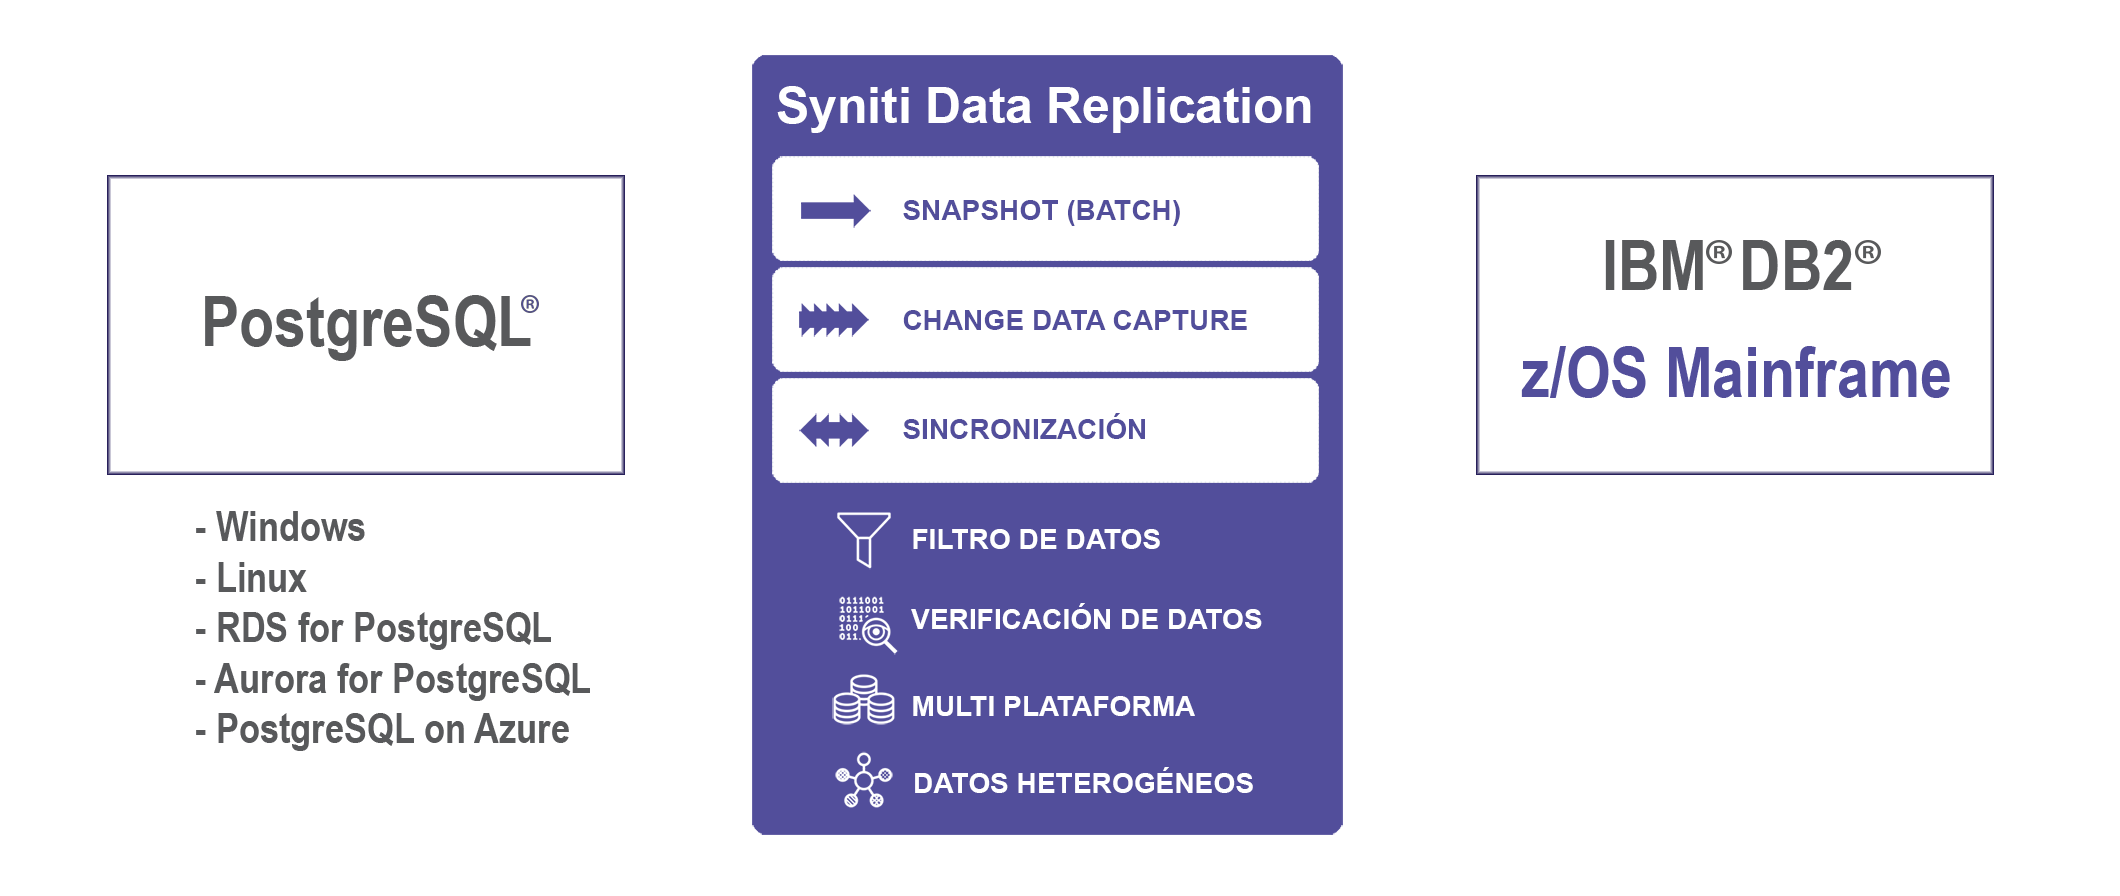 Replicación de datos PostgreSQL a DB2 z/OS Mainframe